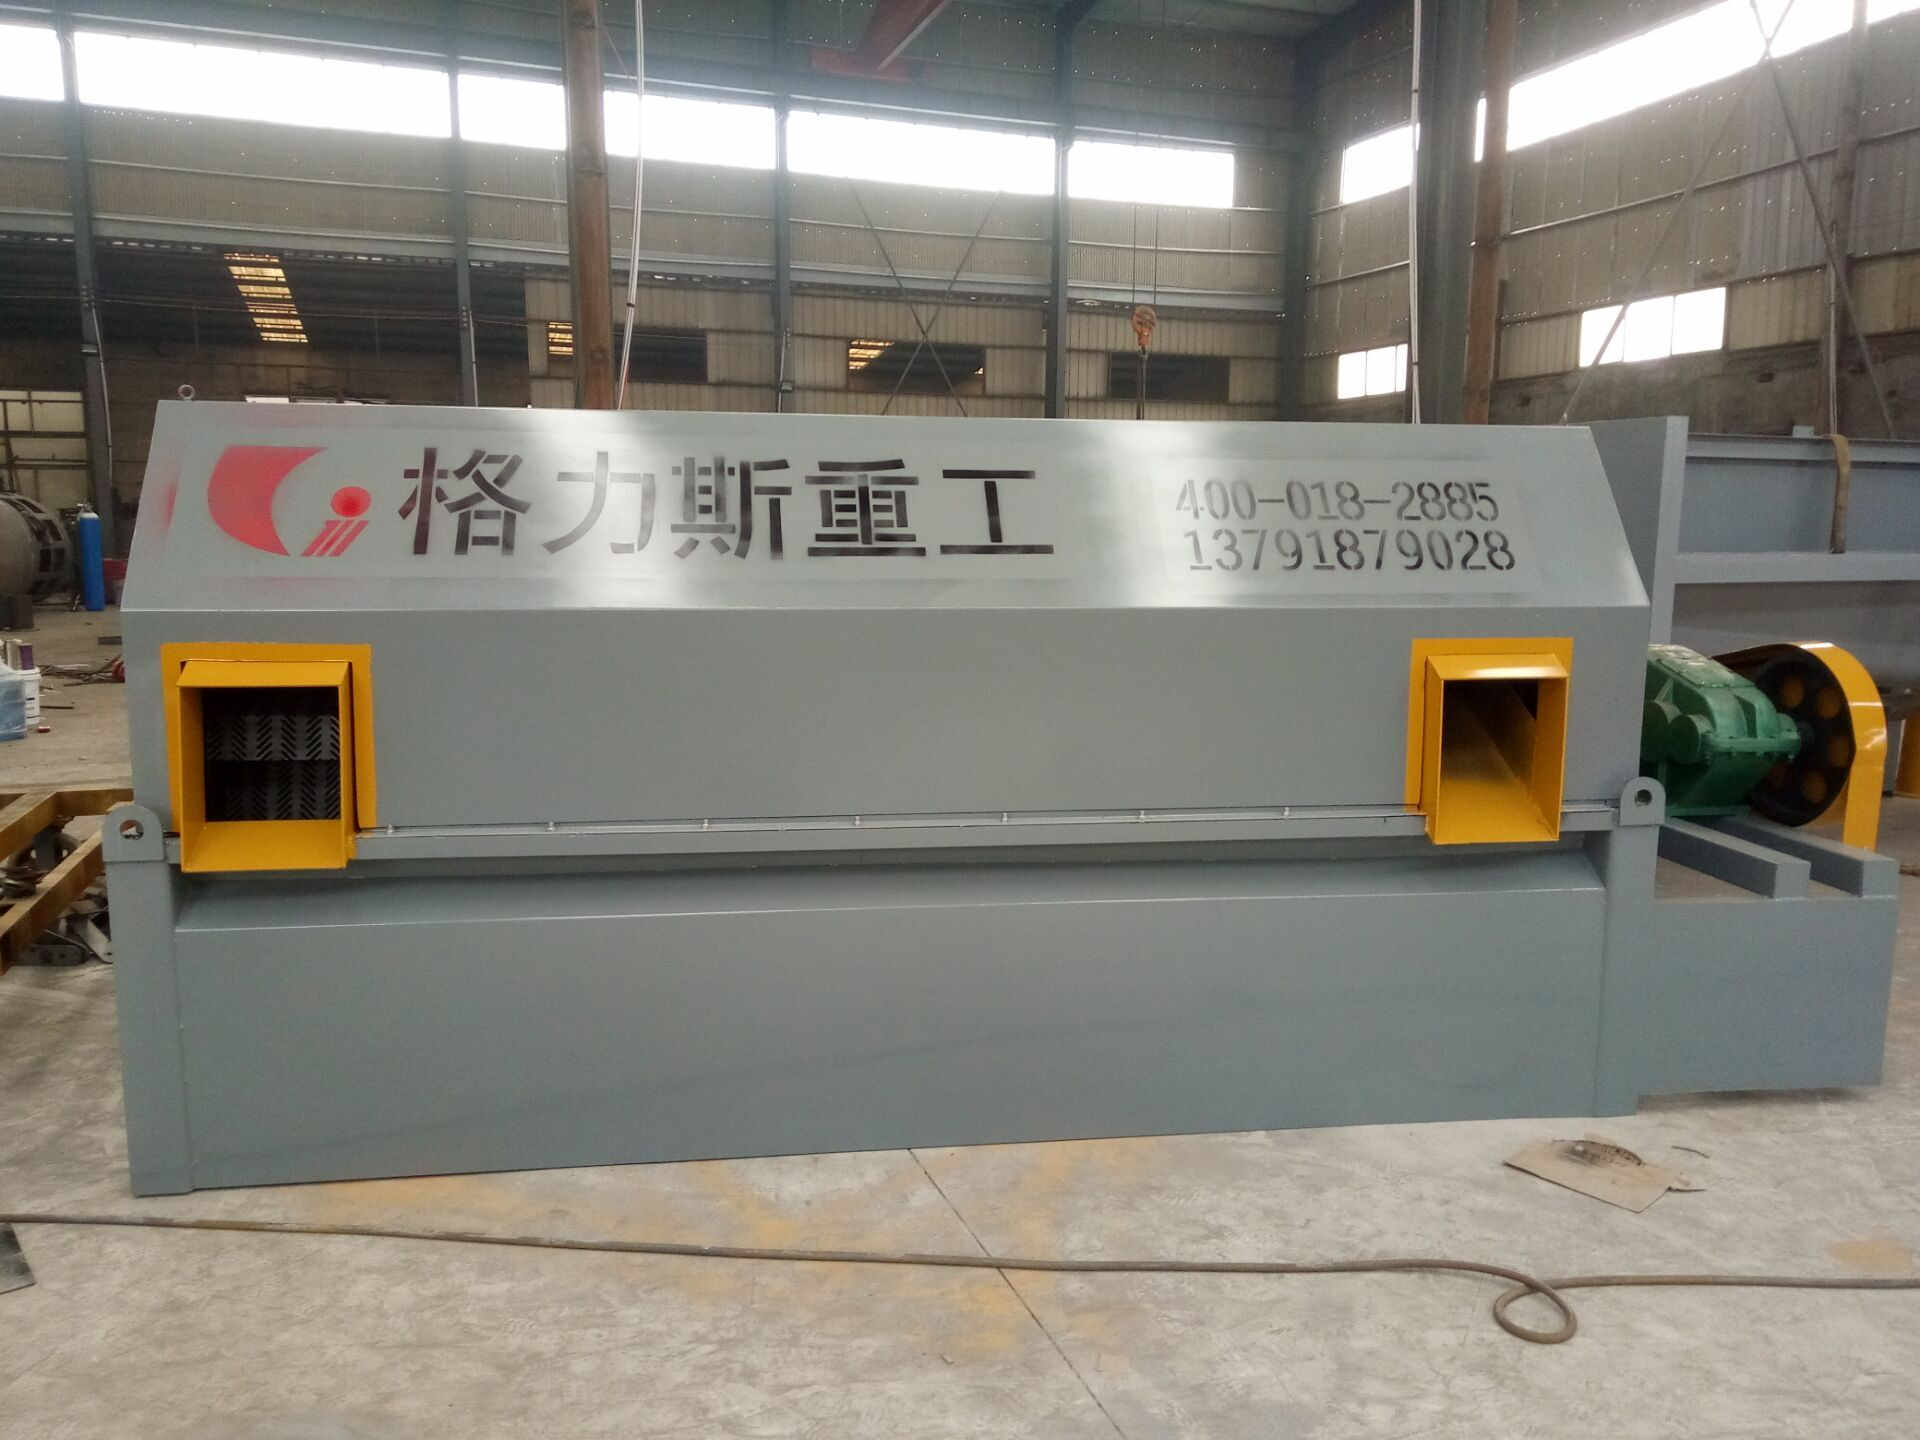 枣庄砂石分离设备厂家-潍坊专业的混凝土砂石分离机_厂家直销